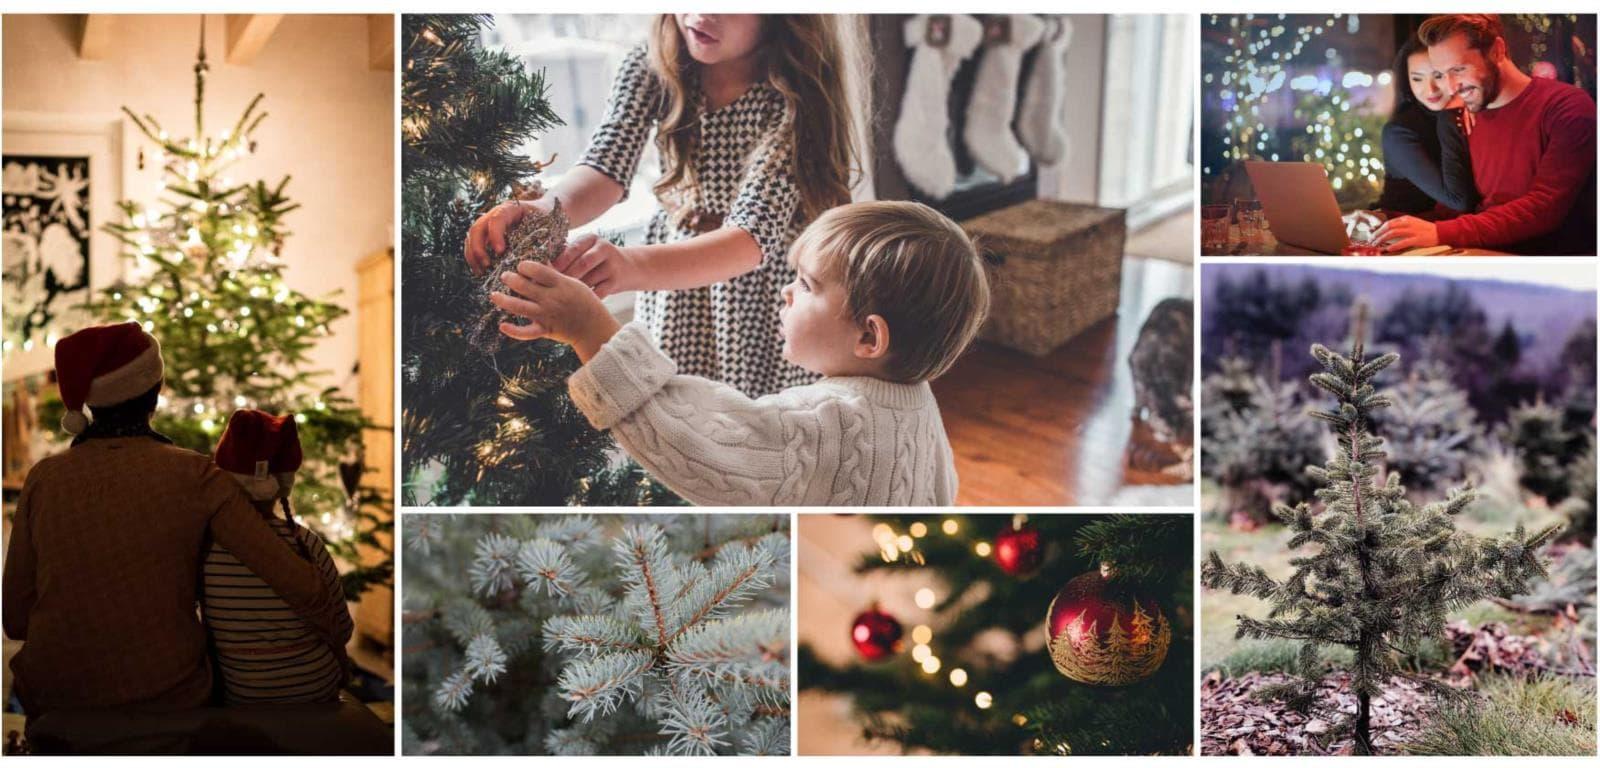 hermie levende echte nordmann kerstbomen sfeerbeelden gezellig kerst vieren